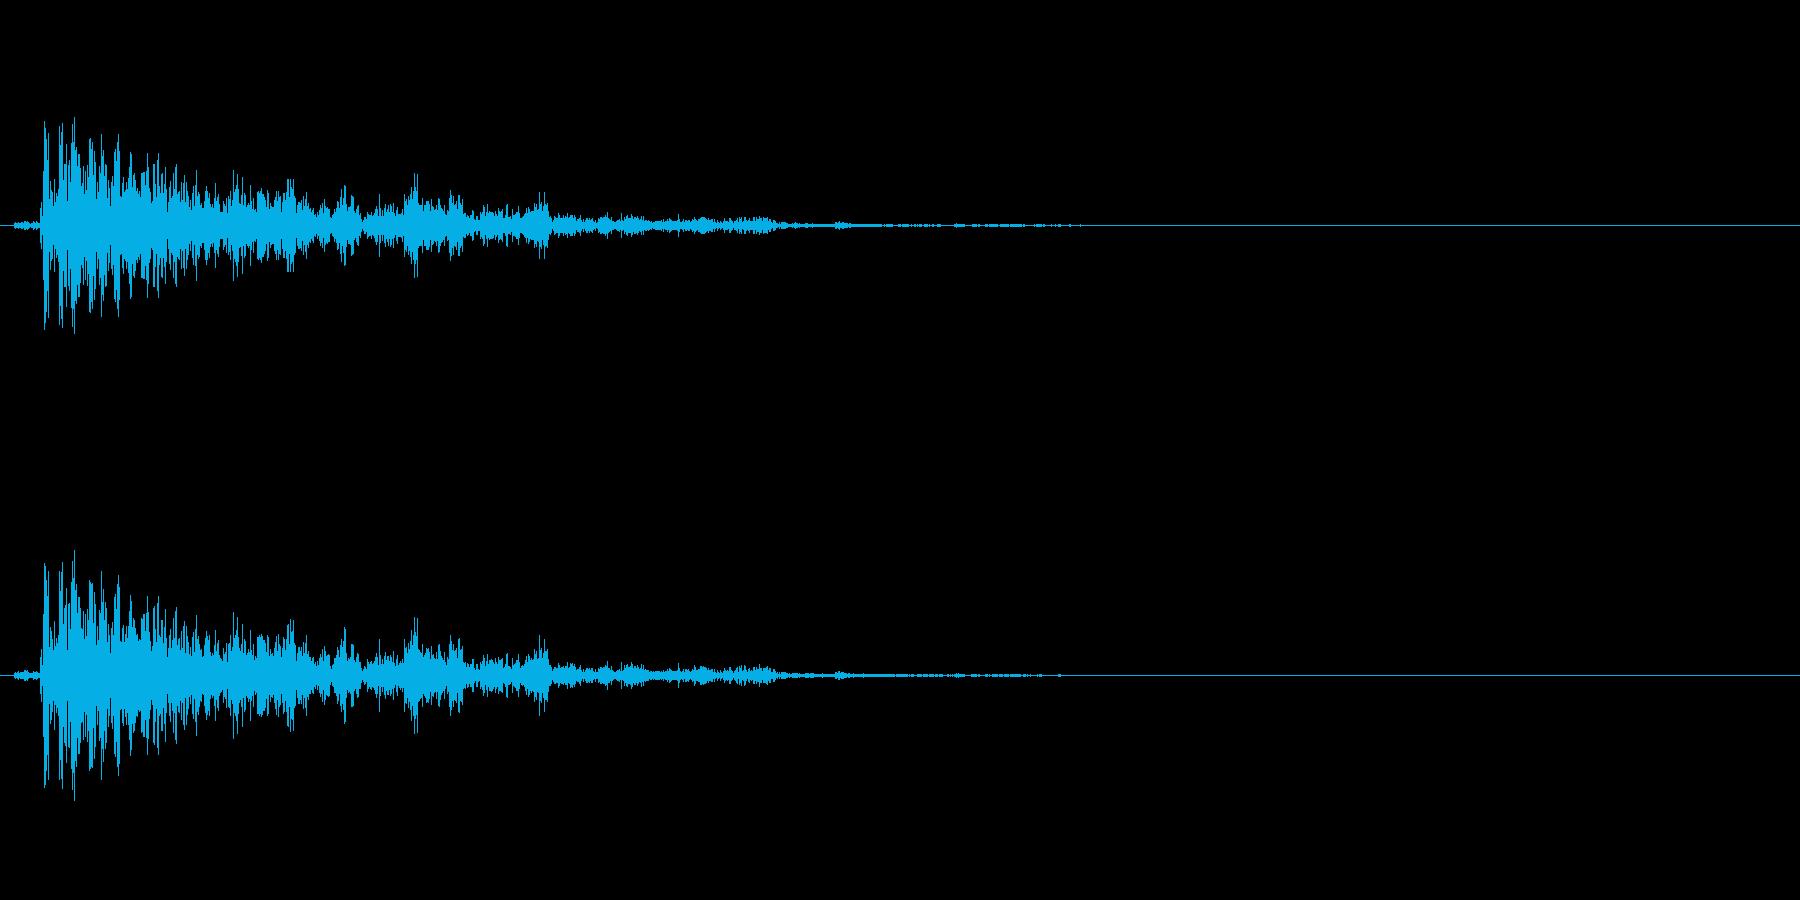 爆発音#3 (1発)の音の再生済みの波形